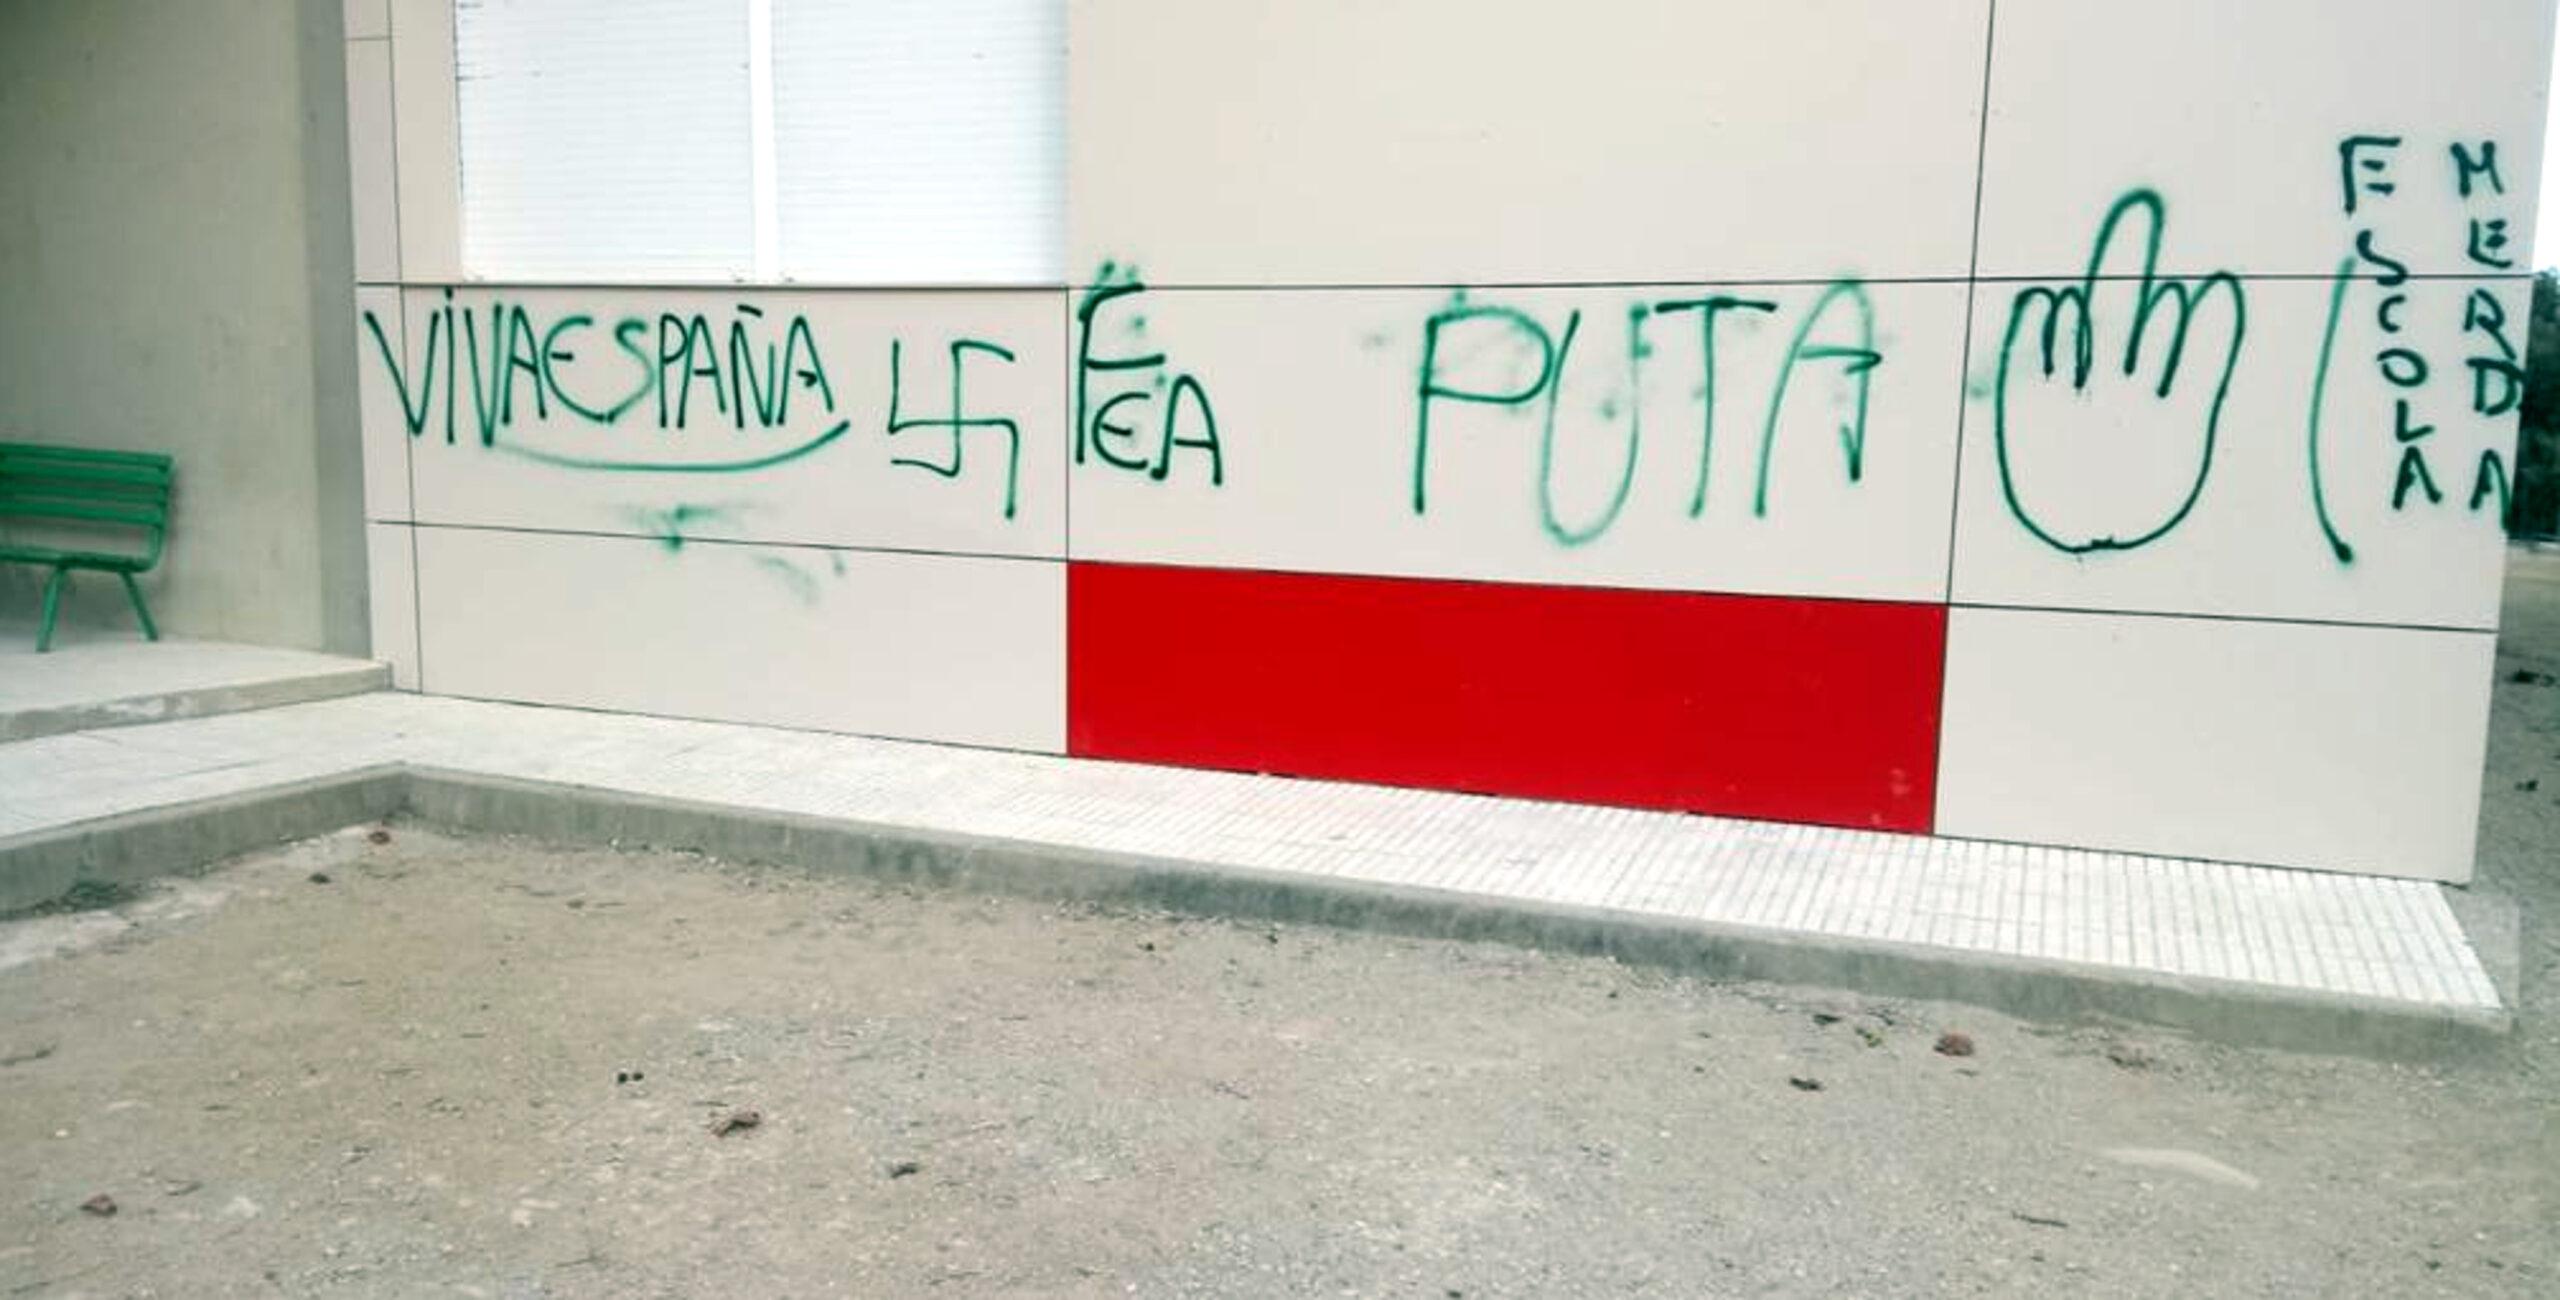 Part de les pintades que han aparegut a la façana i al pati de l'escola Montserrat de Sarrià de Ter | ACN